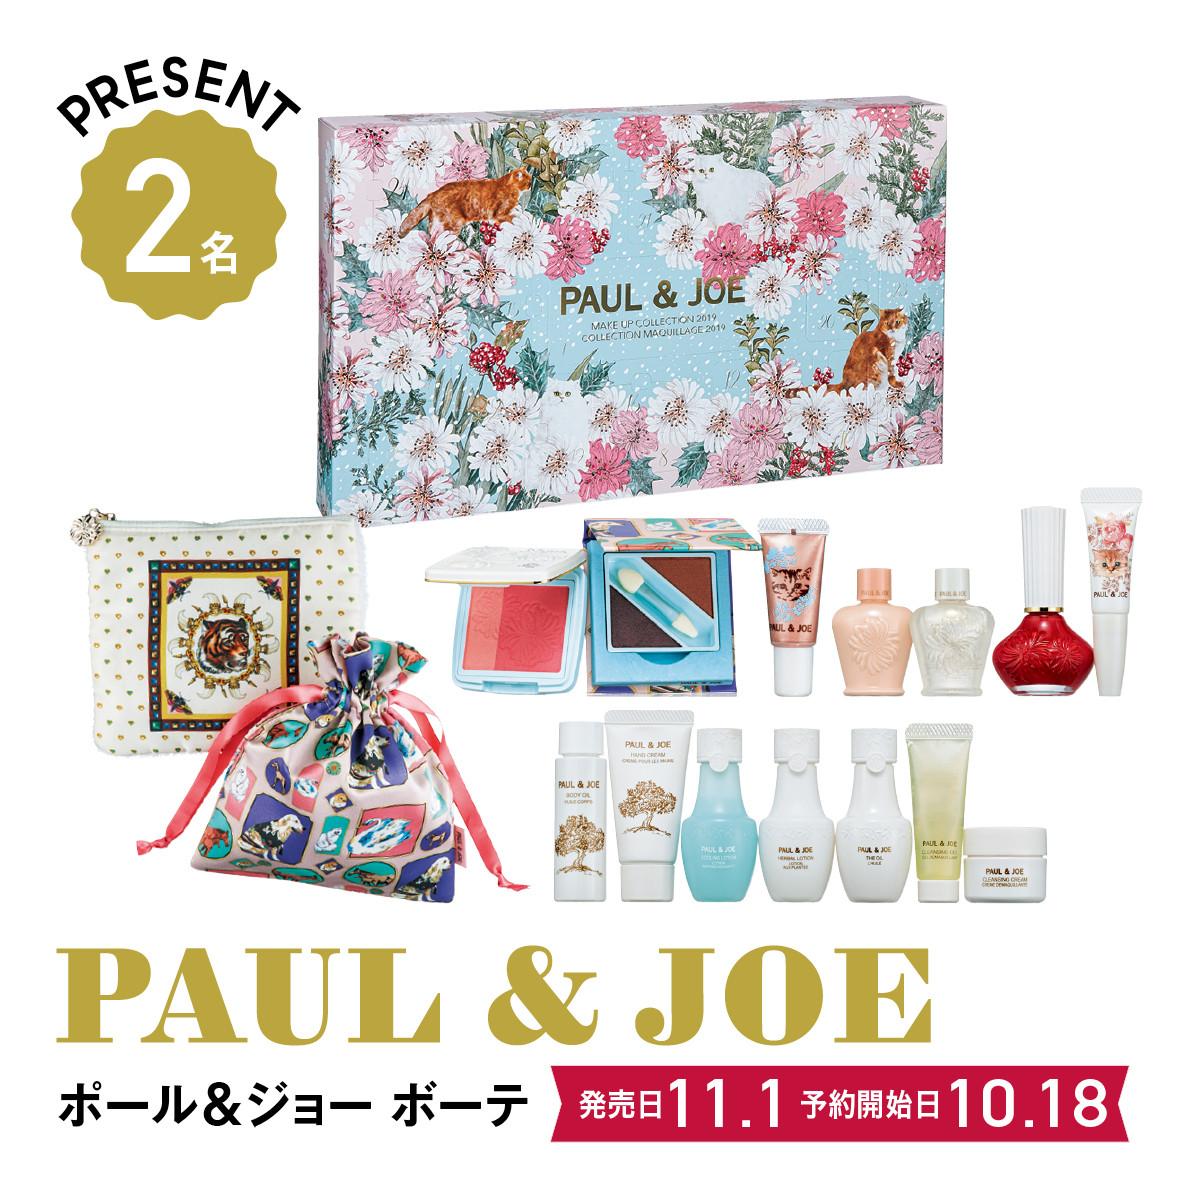 2019クリスマスコフレ&限定品:PAUL & JOE/ポール&ジョー ボーテ